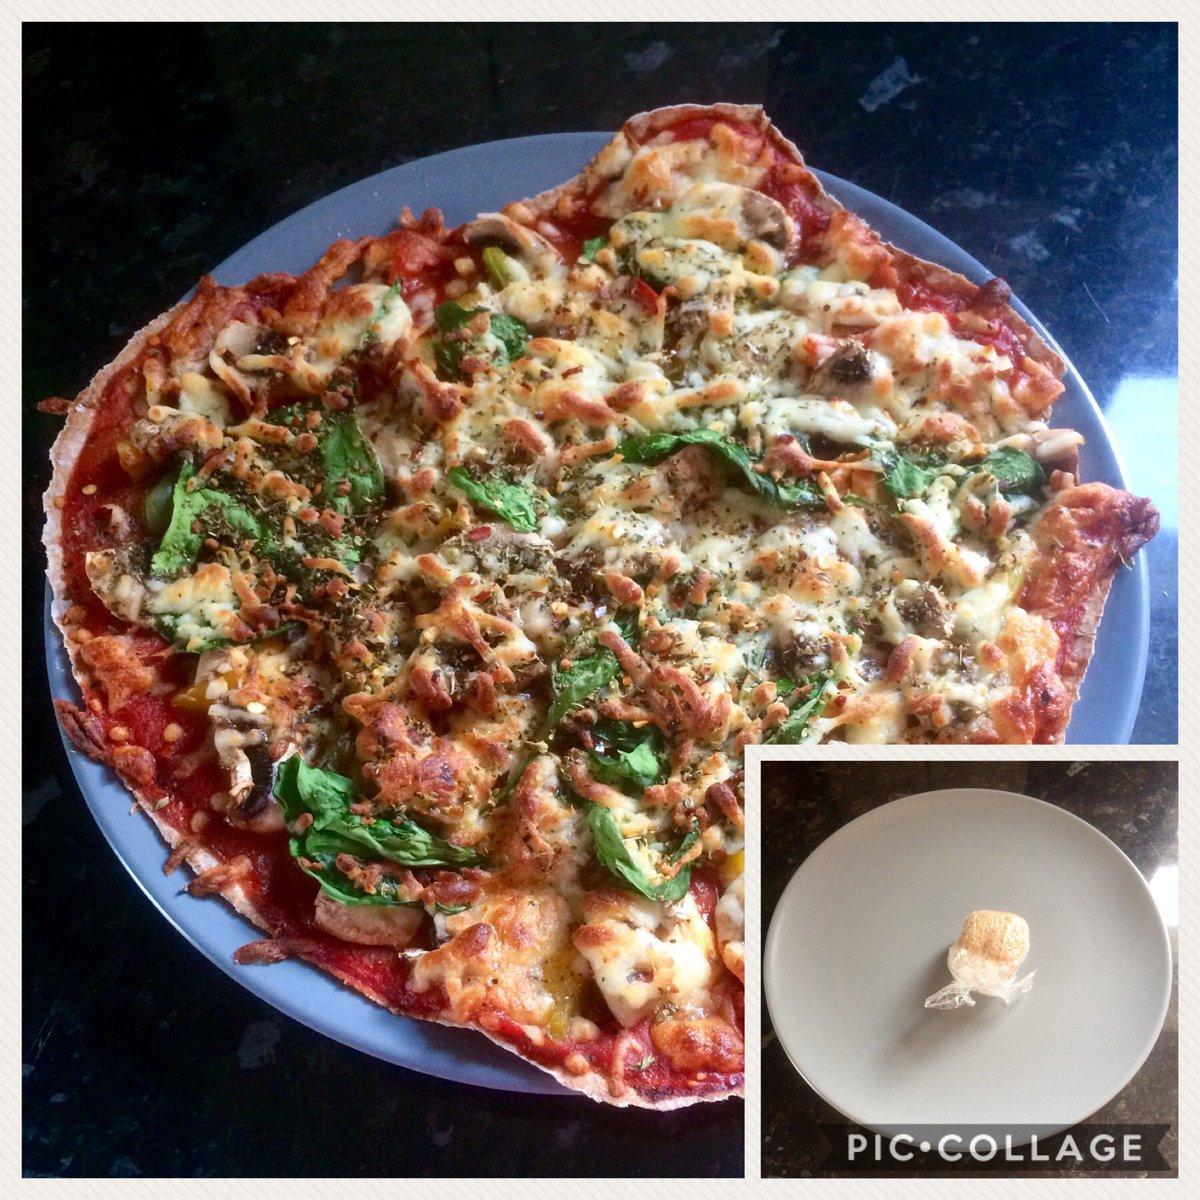 'S fìor thoigh leam pizza! WHAT'S FOR TEA? https://t.co/yD0T8qLLrV #outlander #lifegoals #Gaelic #LowCarb #diet https://t.co/kDbqnI9BGc